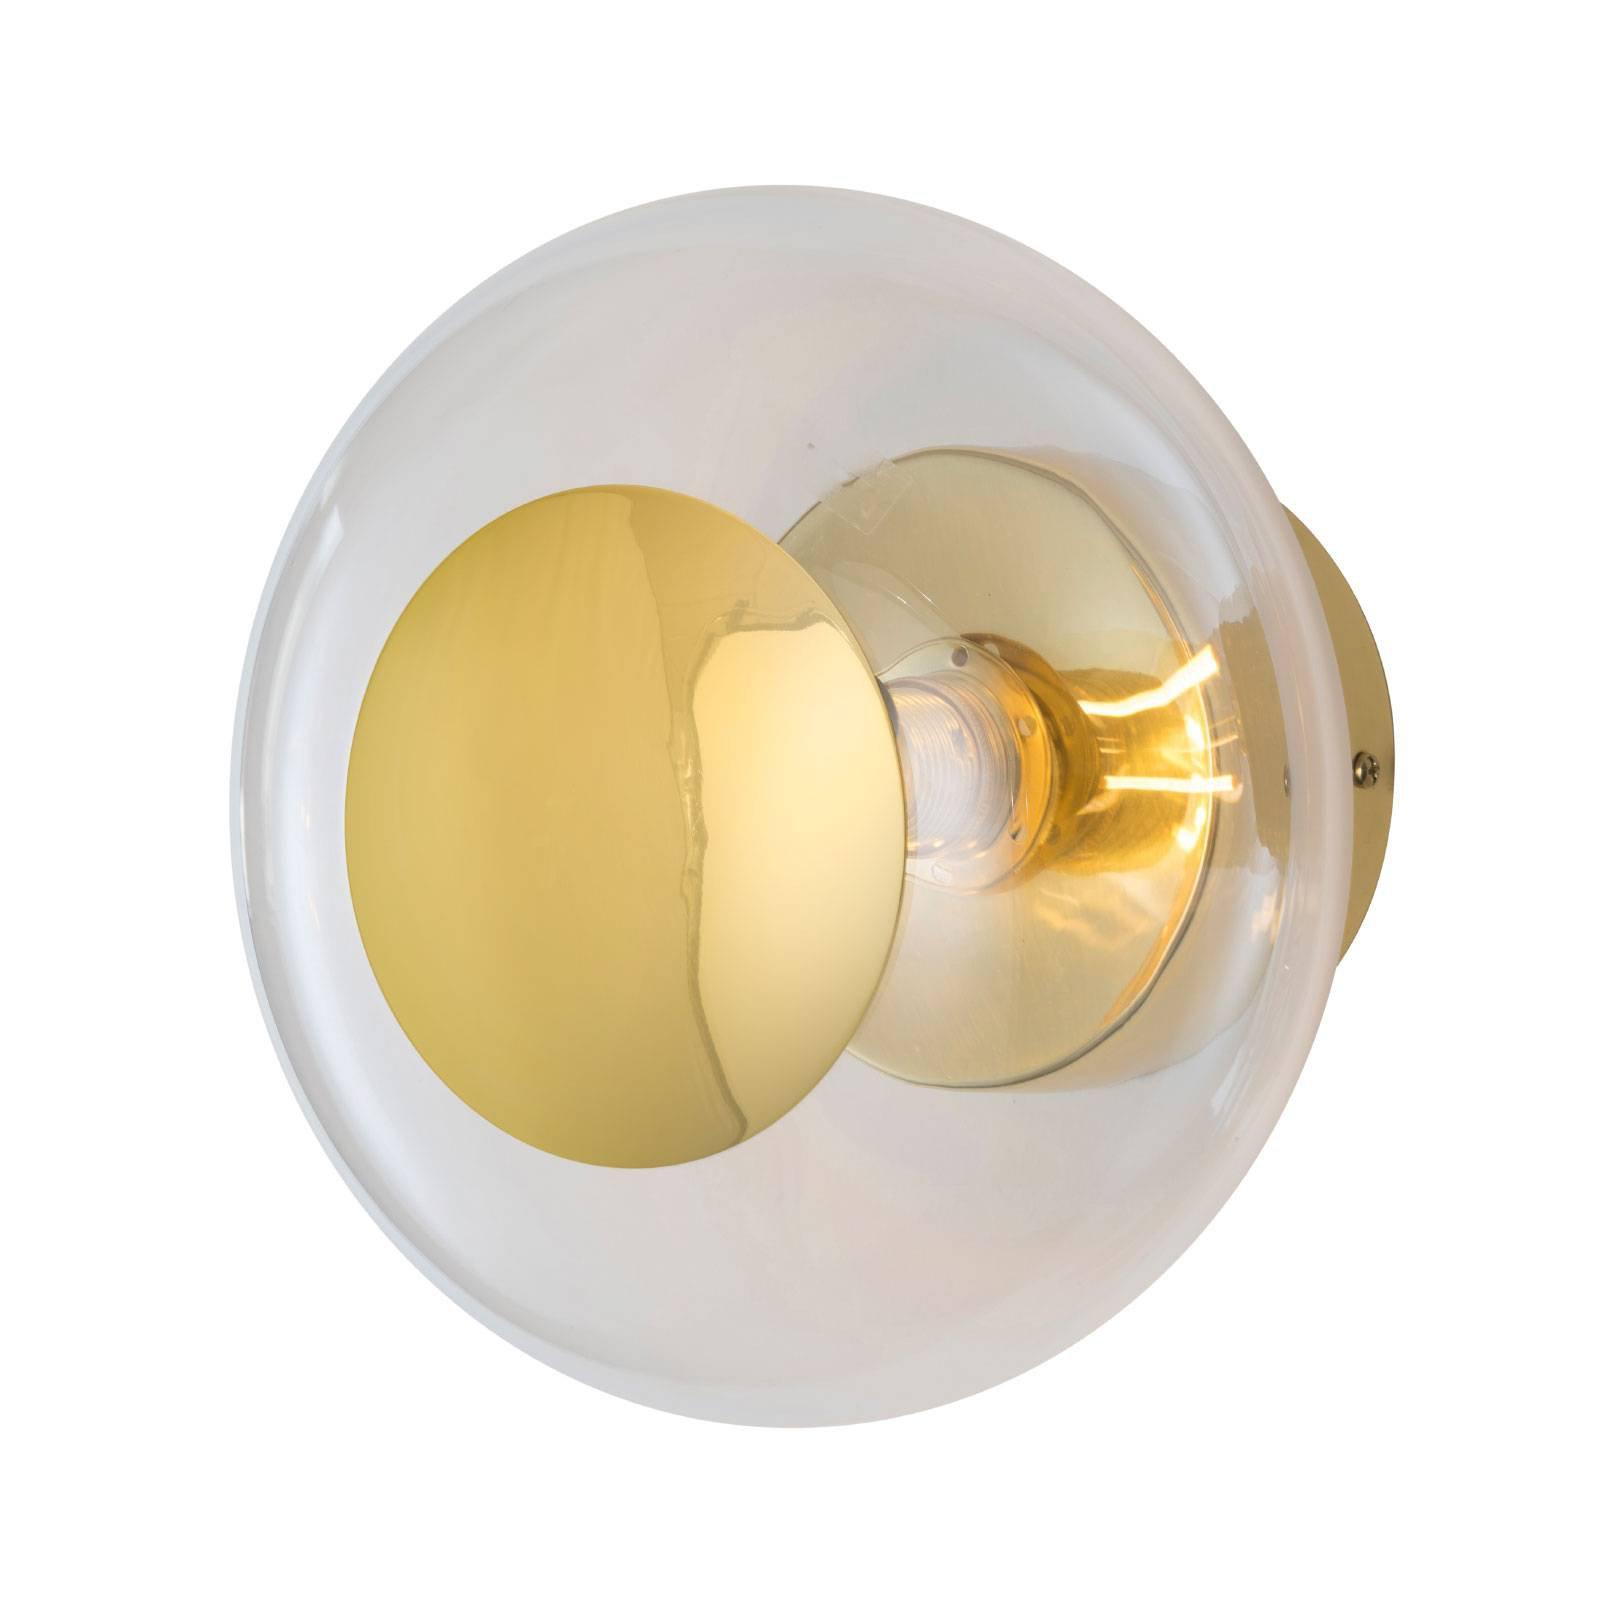 EBB & FLOW Horizon, fatning gull/klar, Ø 21 cm